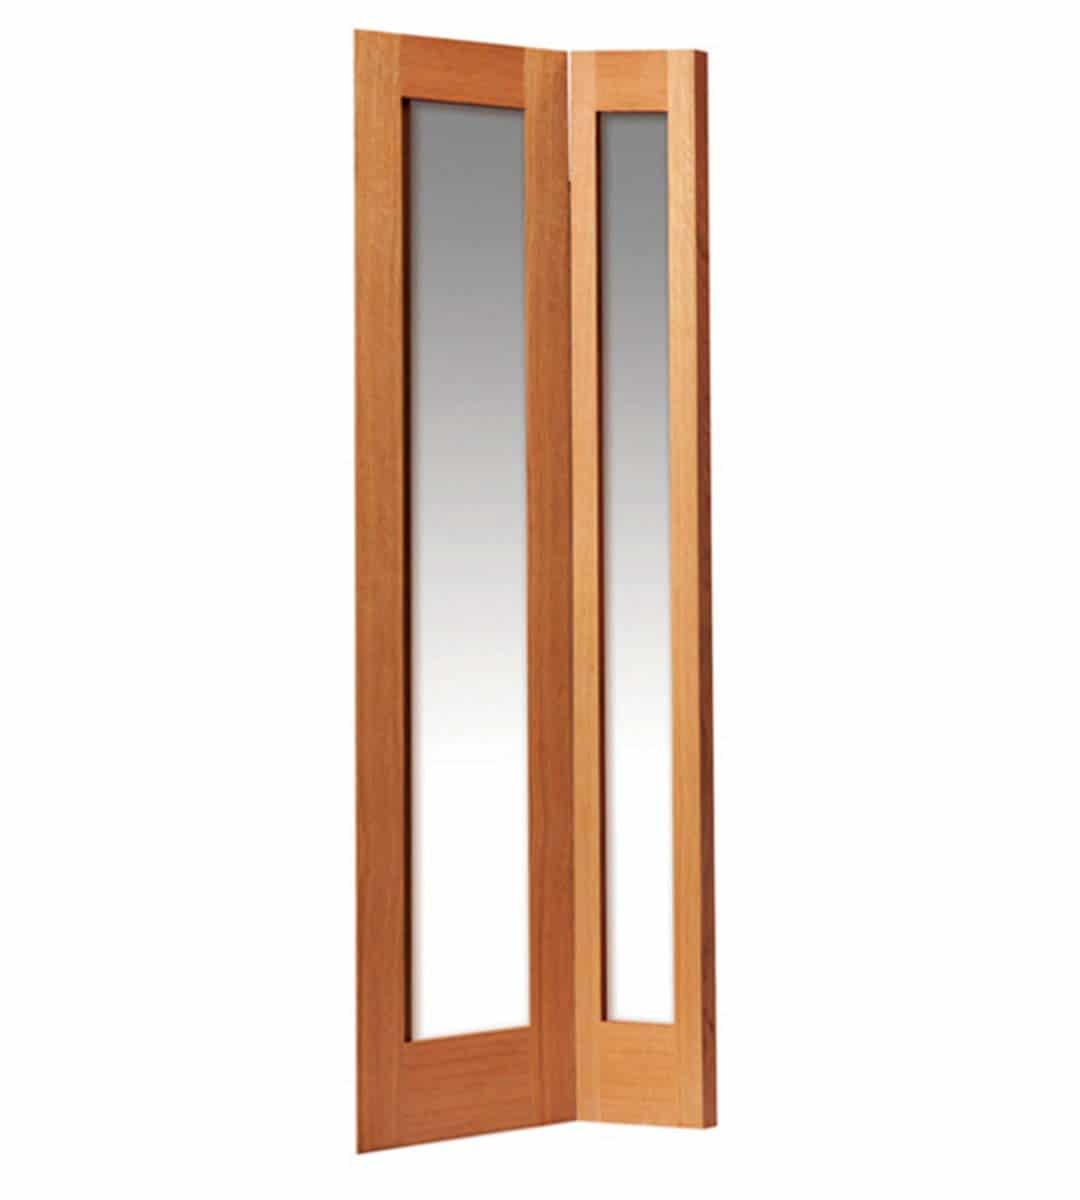 Fuji Glass Bifolding Door